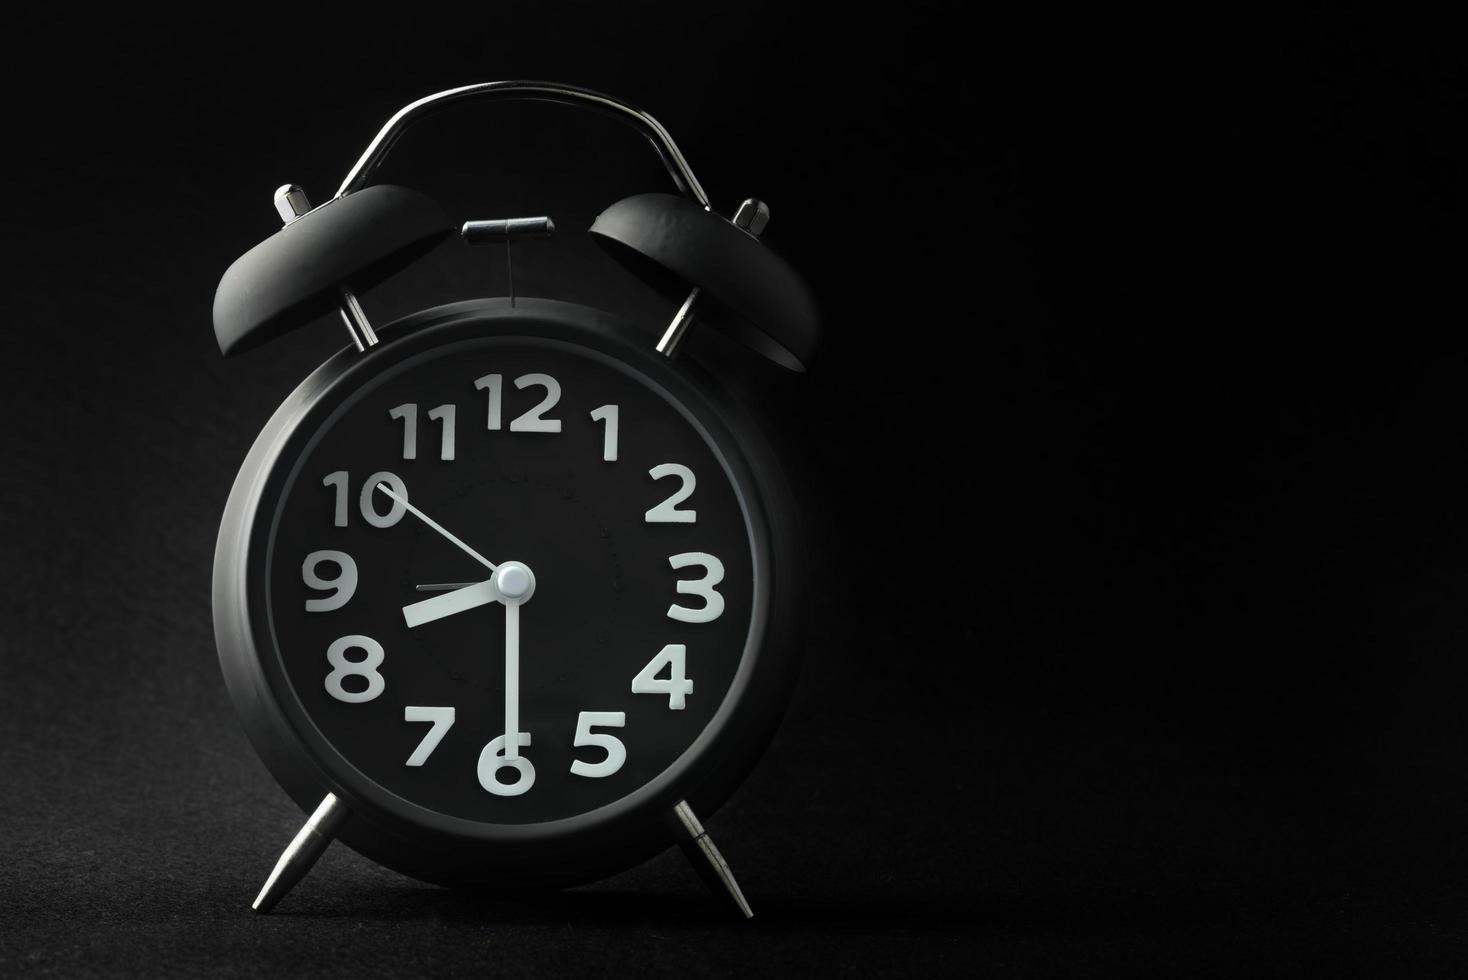 svart väckarklocka foto